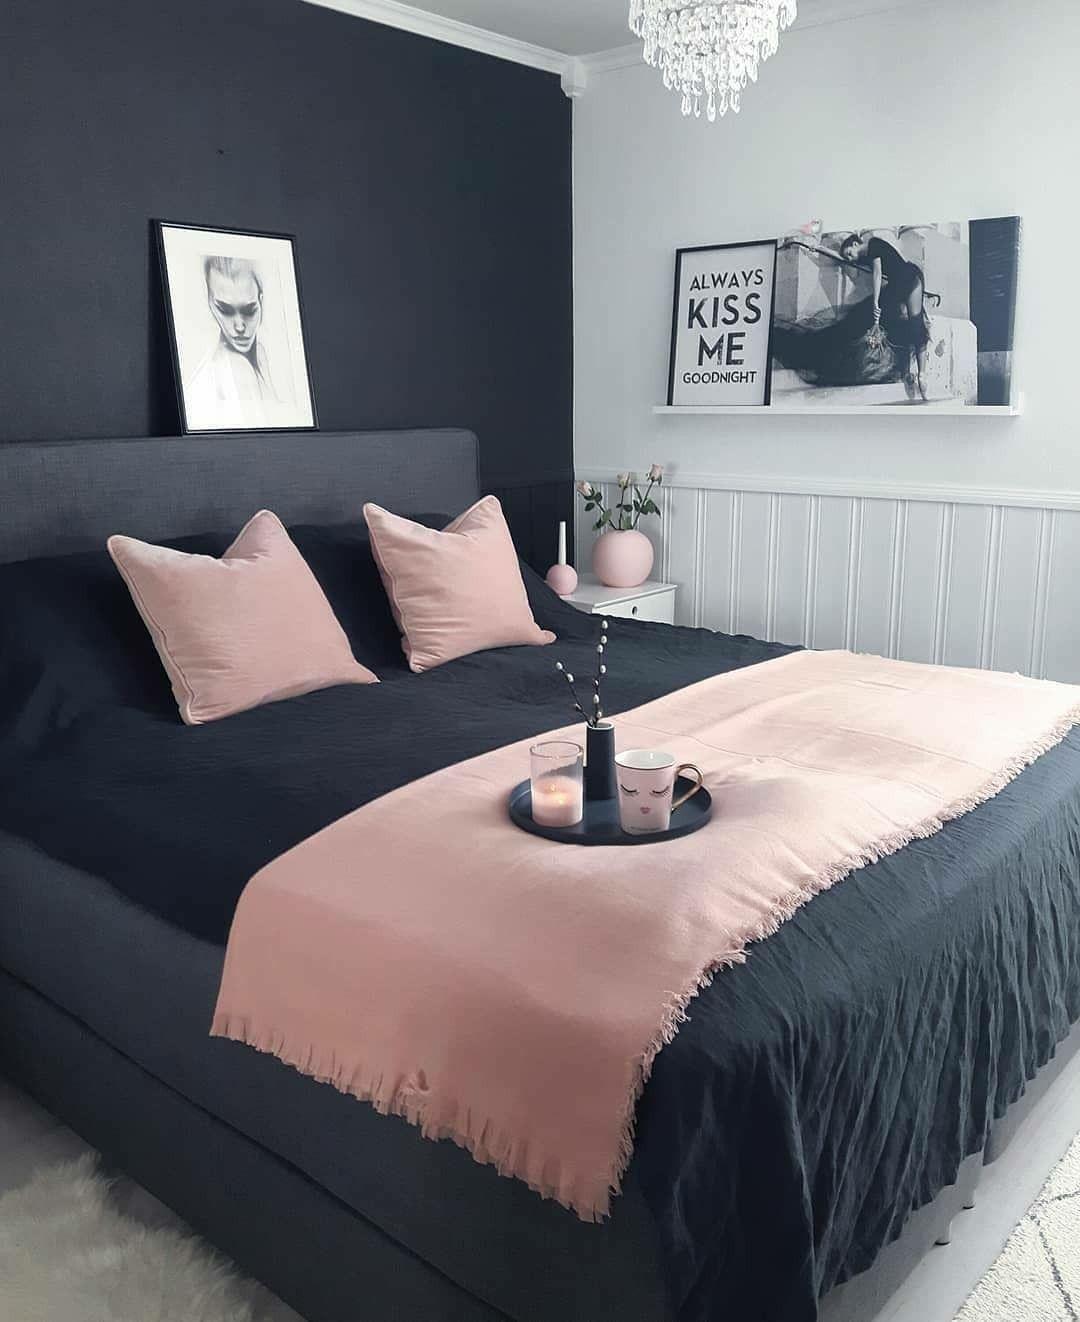 Quarto preto e rosa com decoração simples.